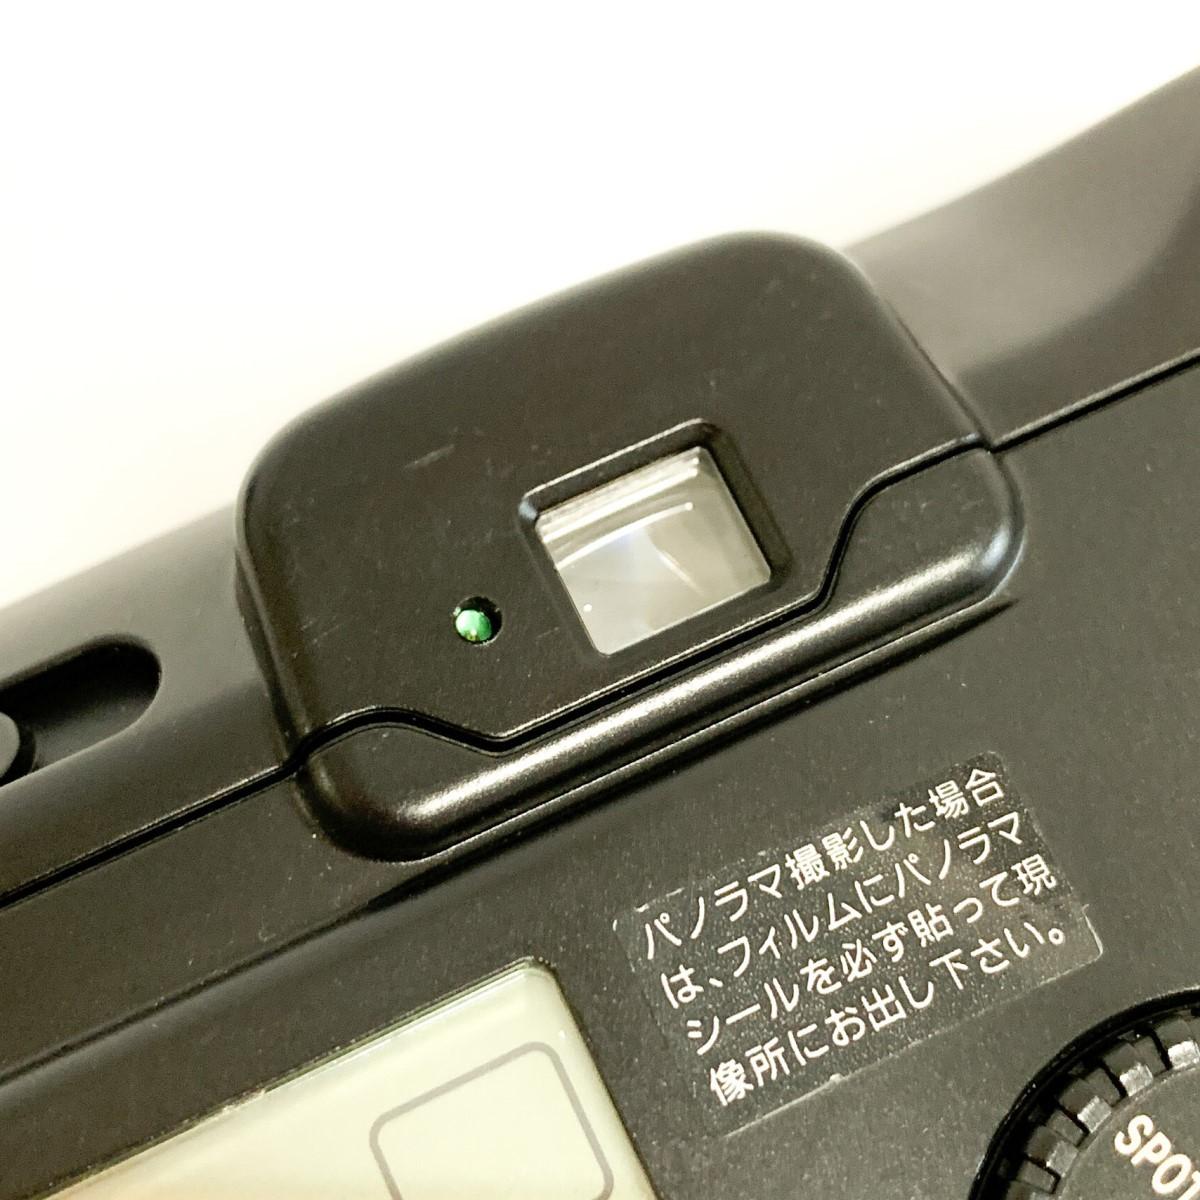 【極美品 完動品】Canon Autoboy S PANORAMA Ai AF 38-115mm 広角~望遠域レンズ パノラマ撮影 キャノン コンパクトフィルムカメラ C424_画像10